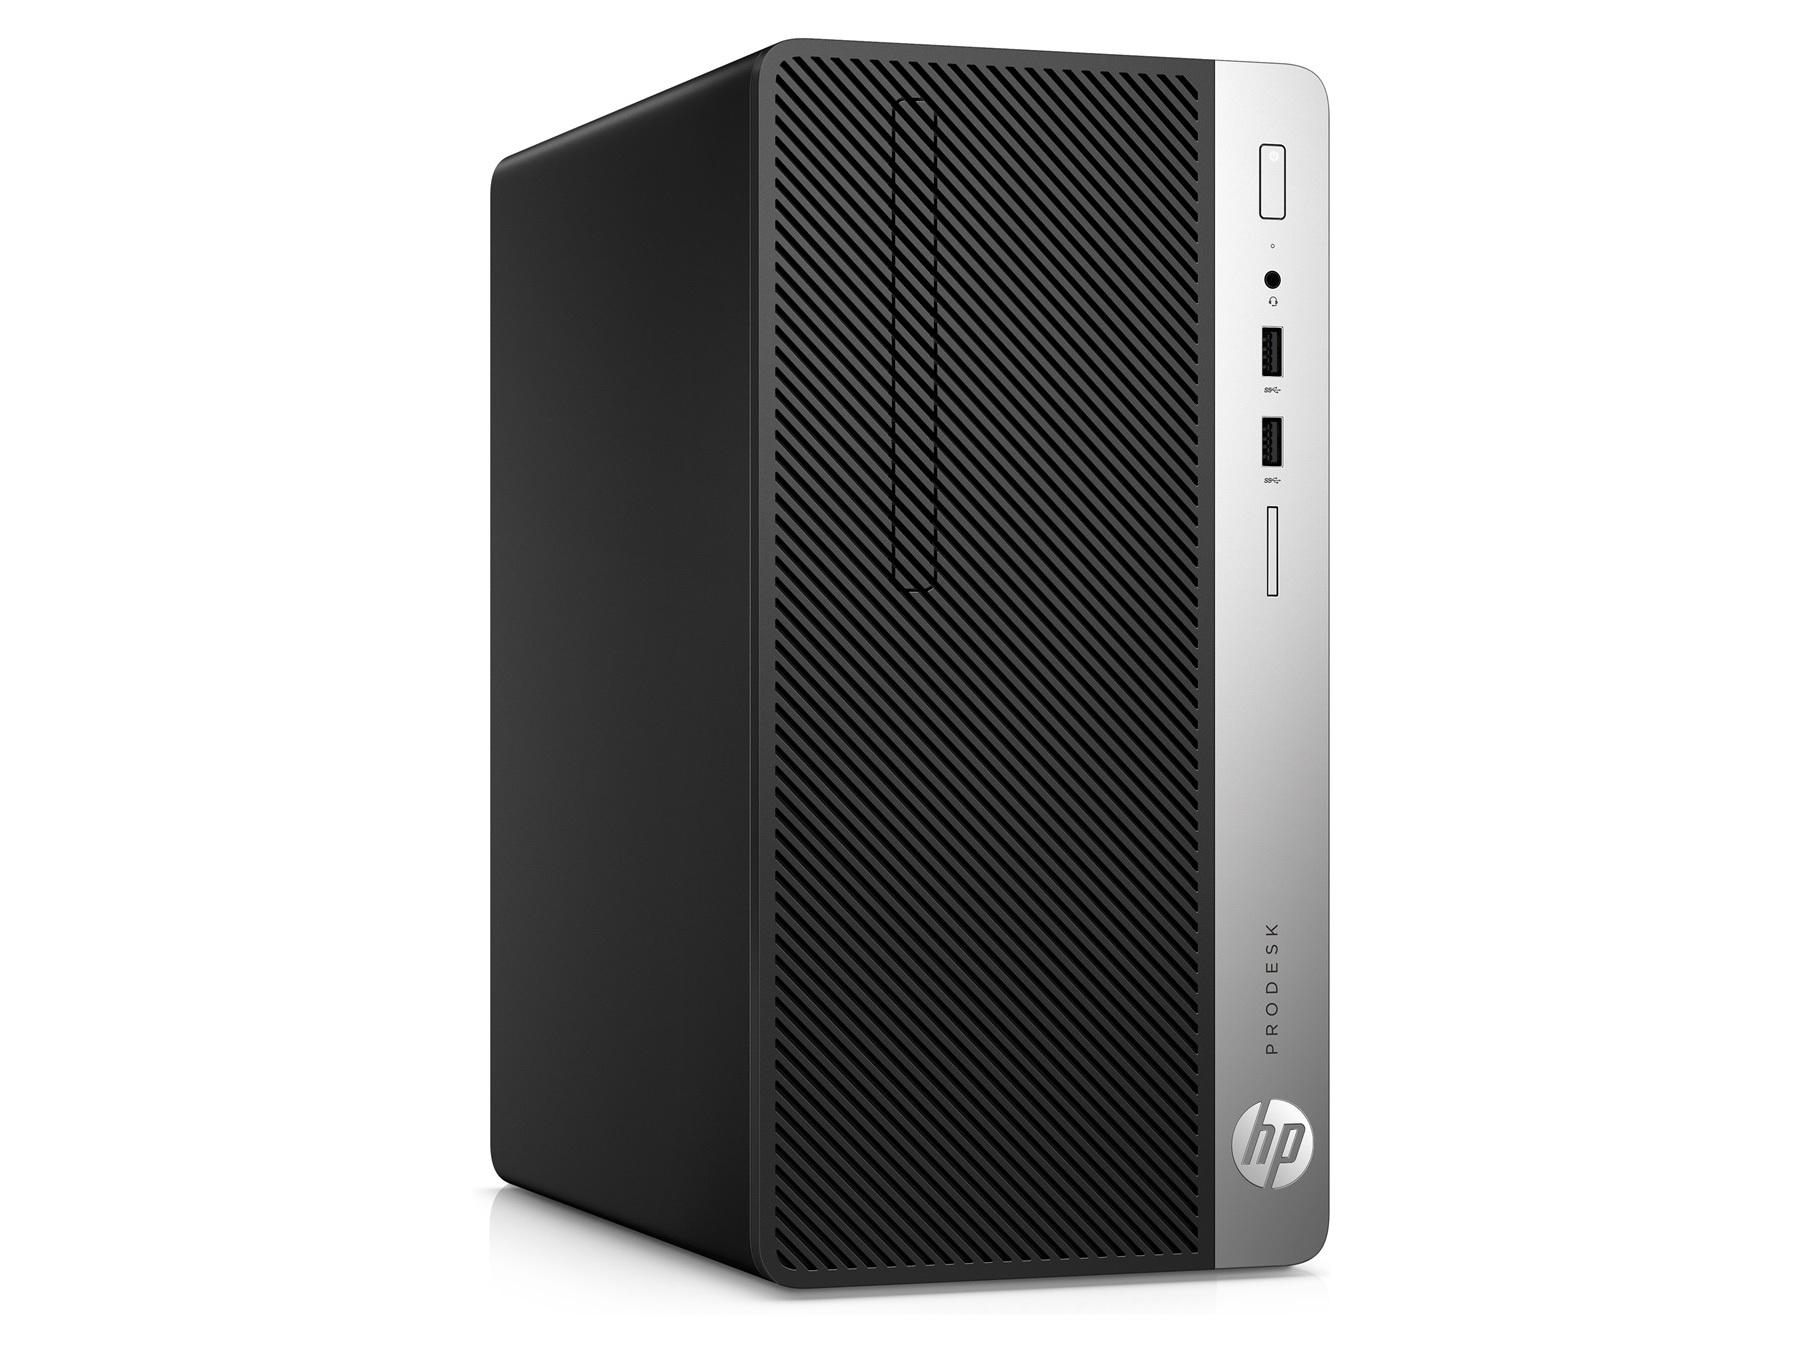 Máy tính để bàn HP ProDesk 400 G5 SFF 4TT15PA – Intel Core i3-810, 4GB RAM, HDD 500GB, Intel UHD Graphics